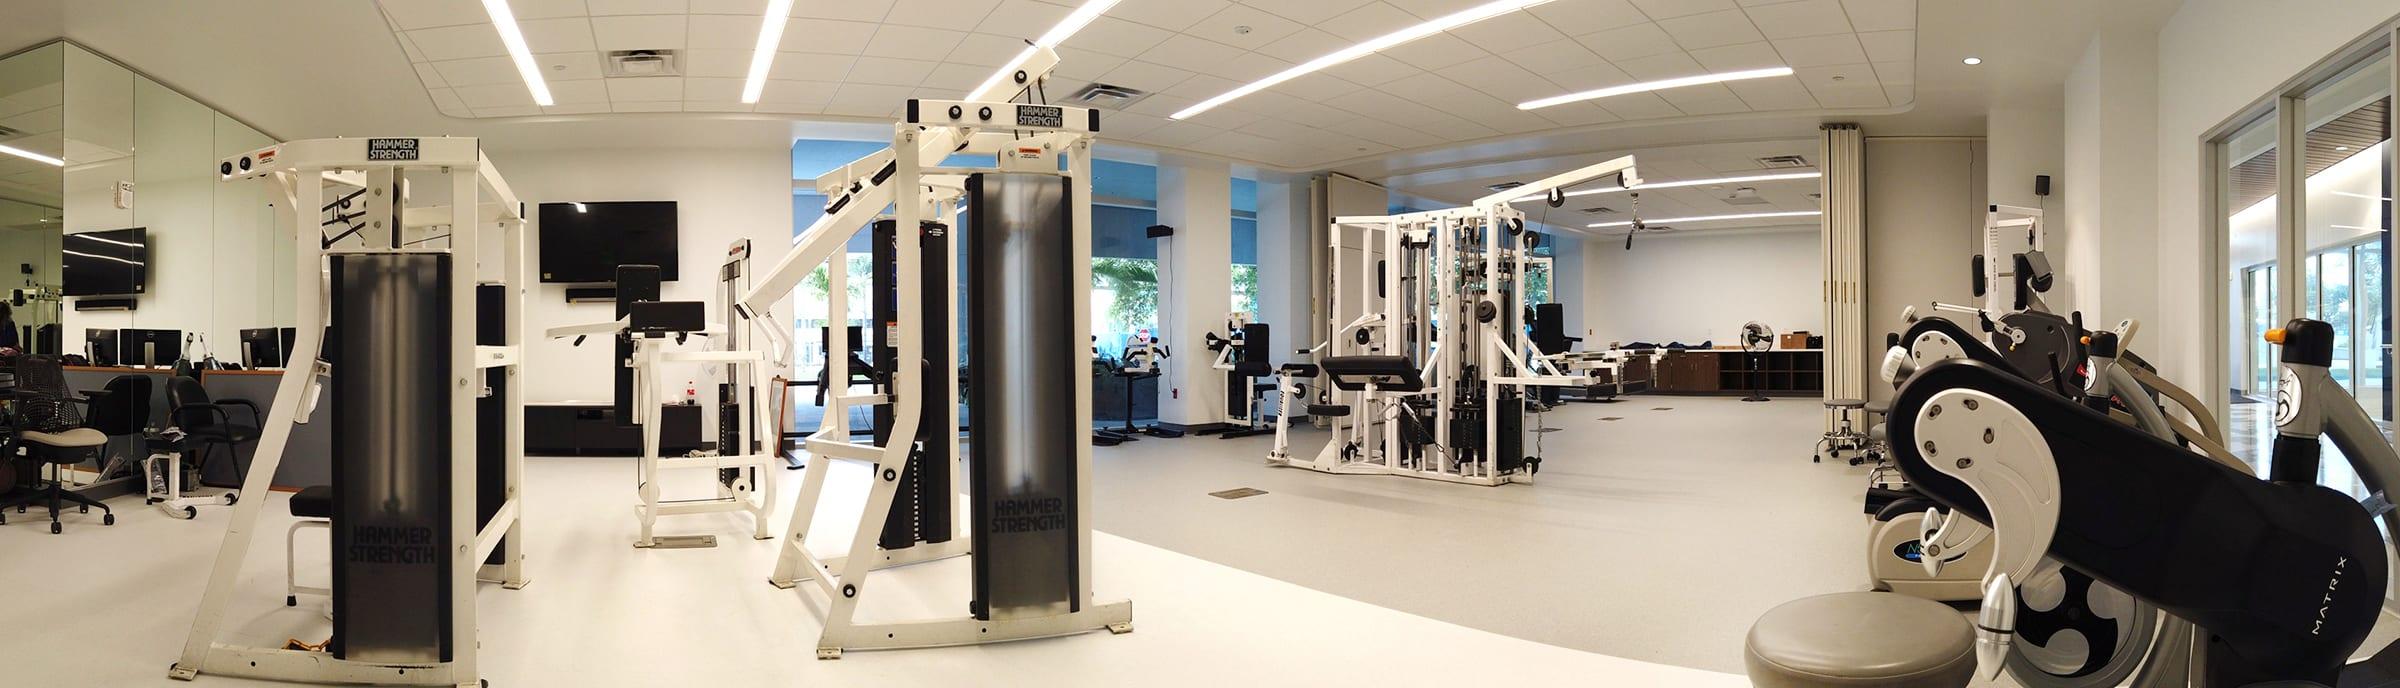 Christine E. Lynn Rehabilitation Center Gym